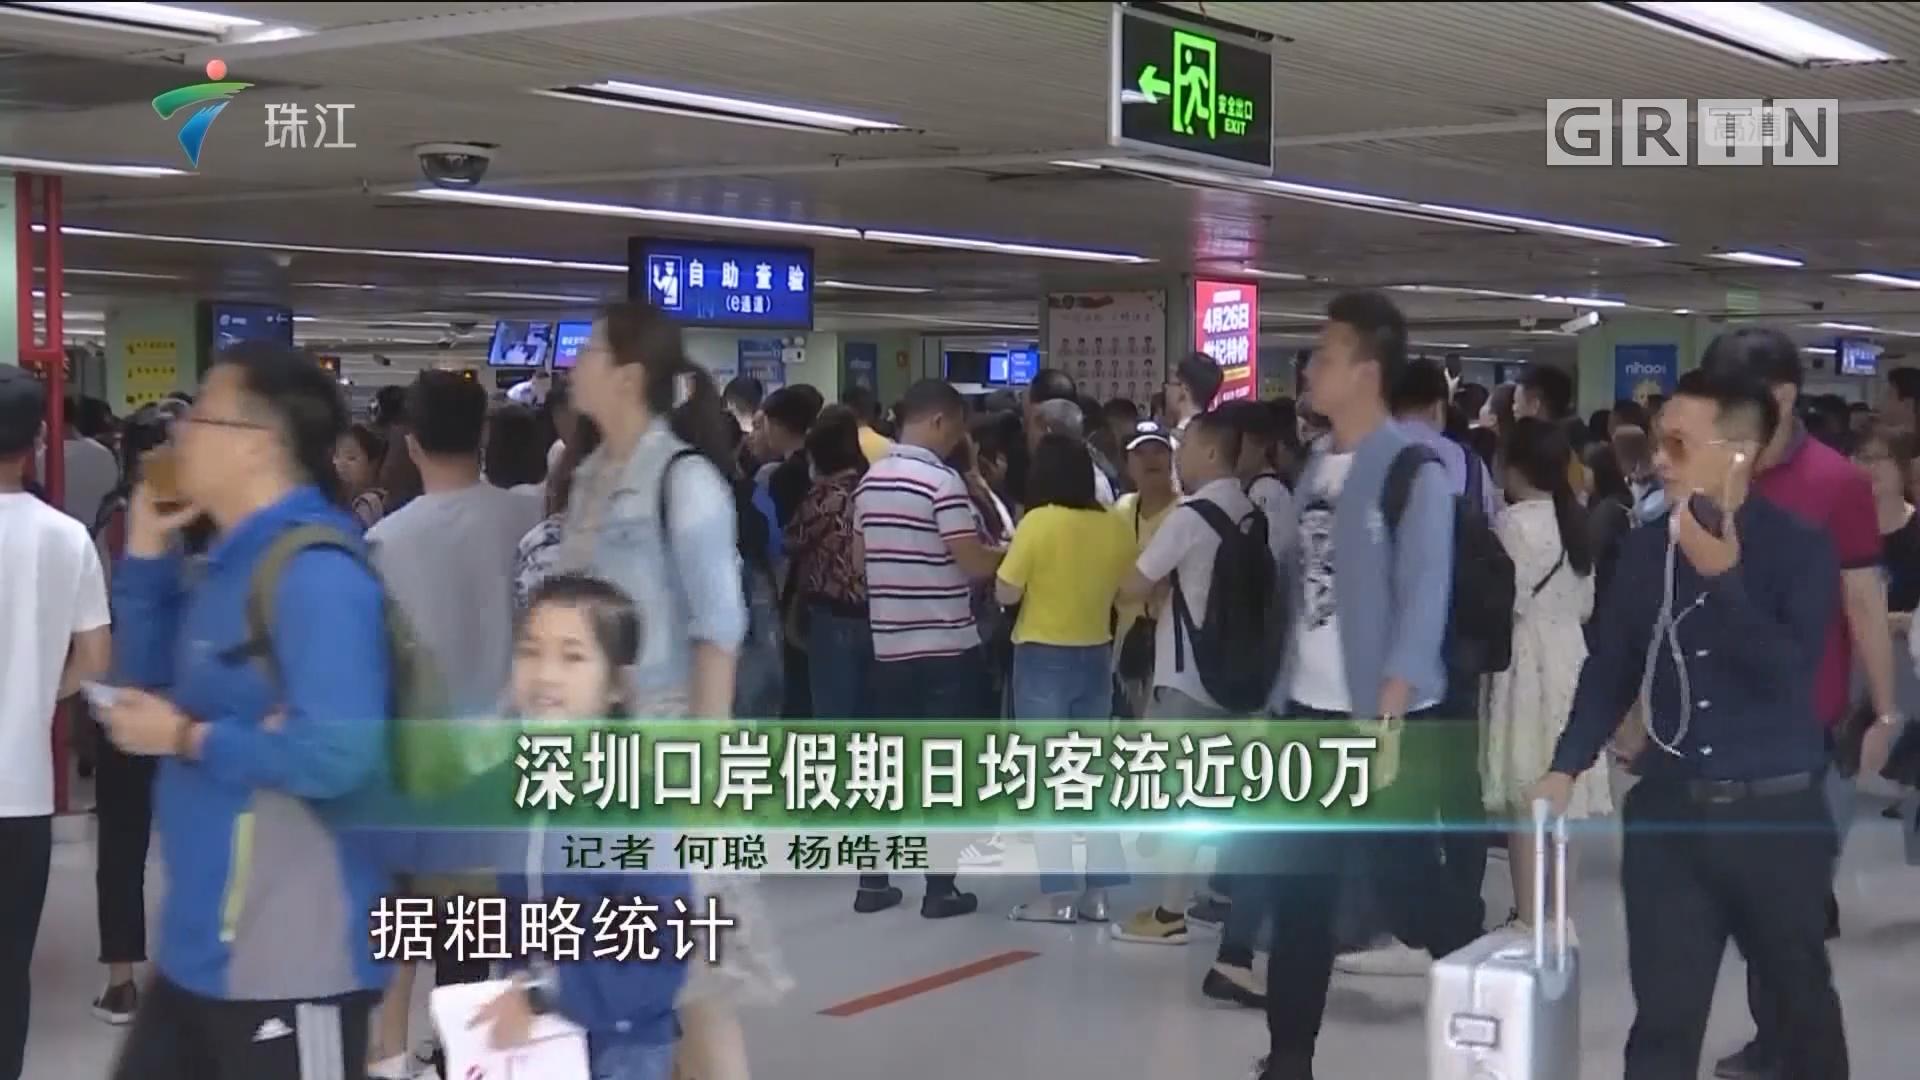 深圳口岸假期日均客流近90万